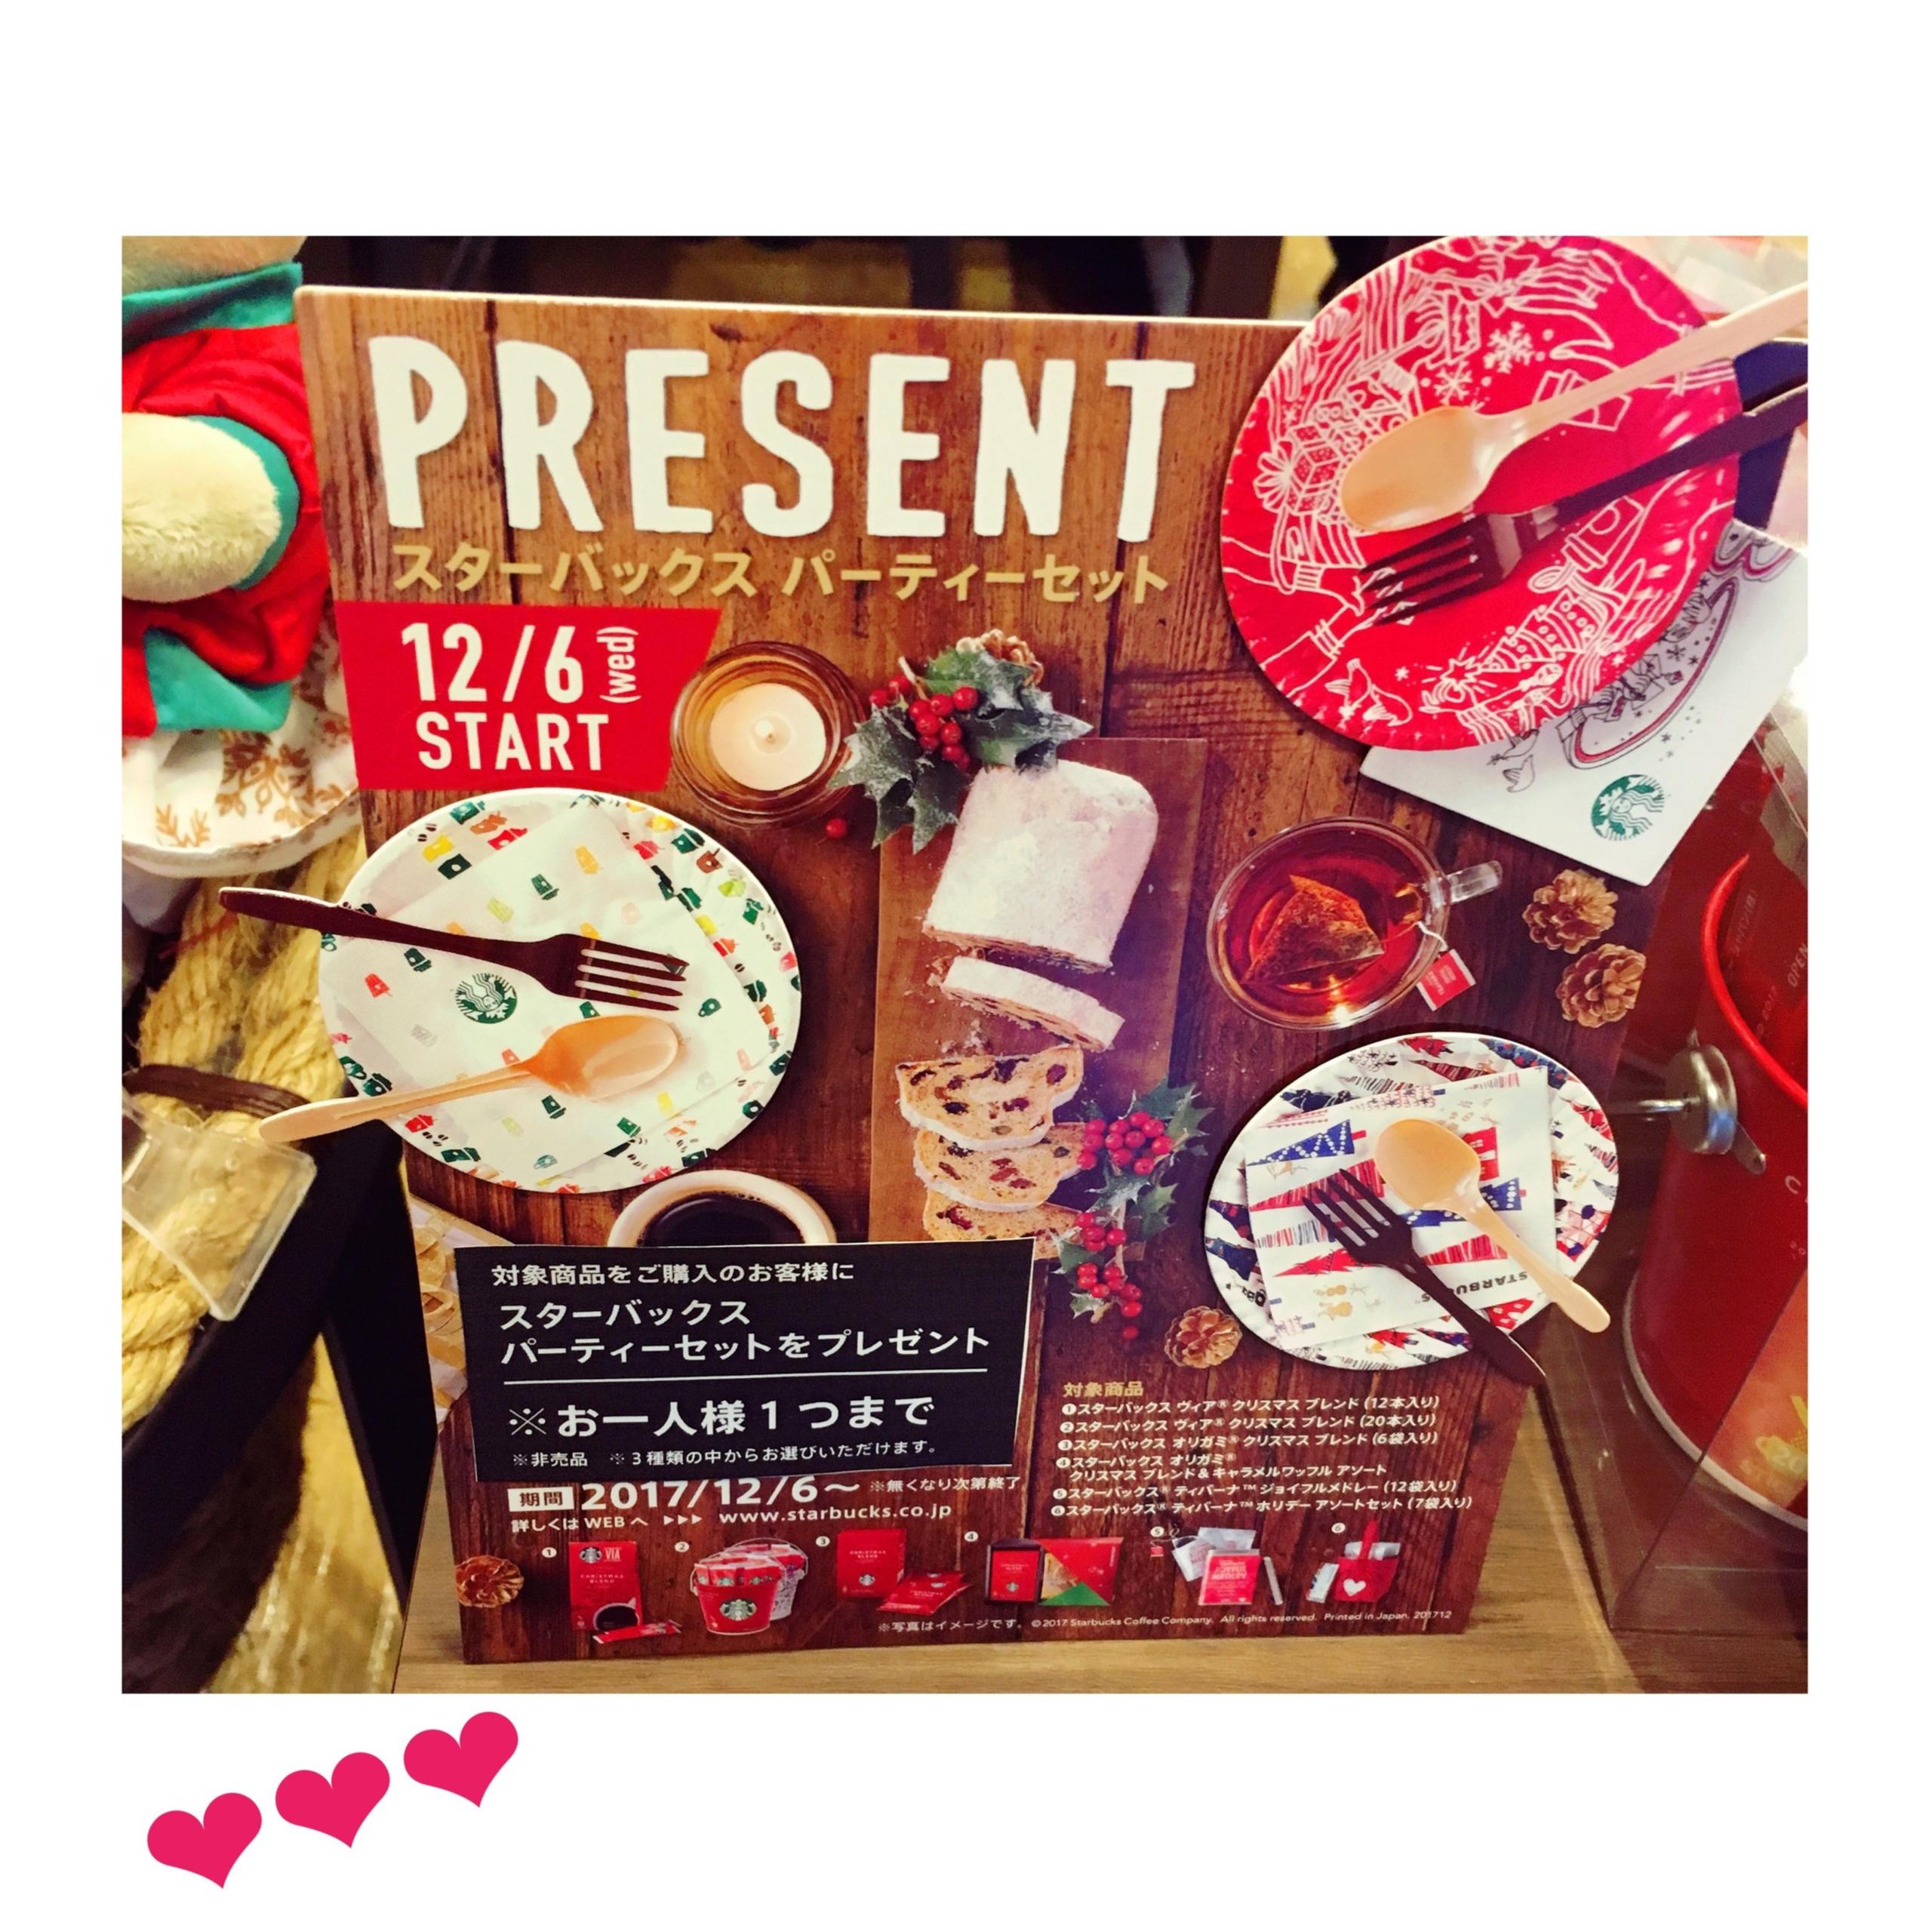 《本日12/6 START★今回も即完売必至!》【スタバ】のHOLIDAY PRESENT第三弾!可愛すぎる〝パーティーセット〟をgetしました❤️✌︎_1